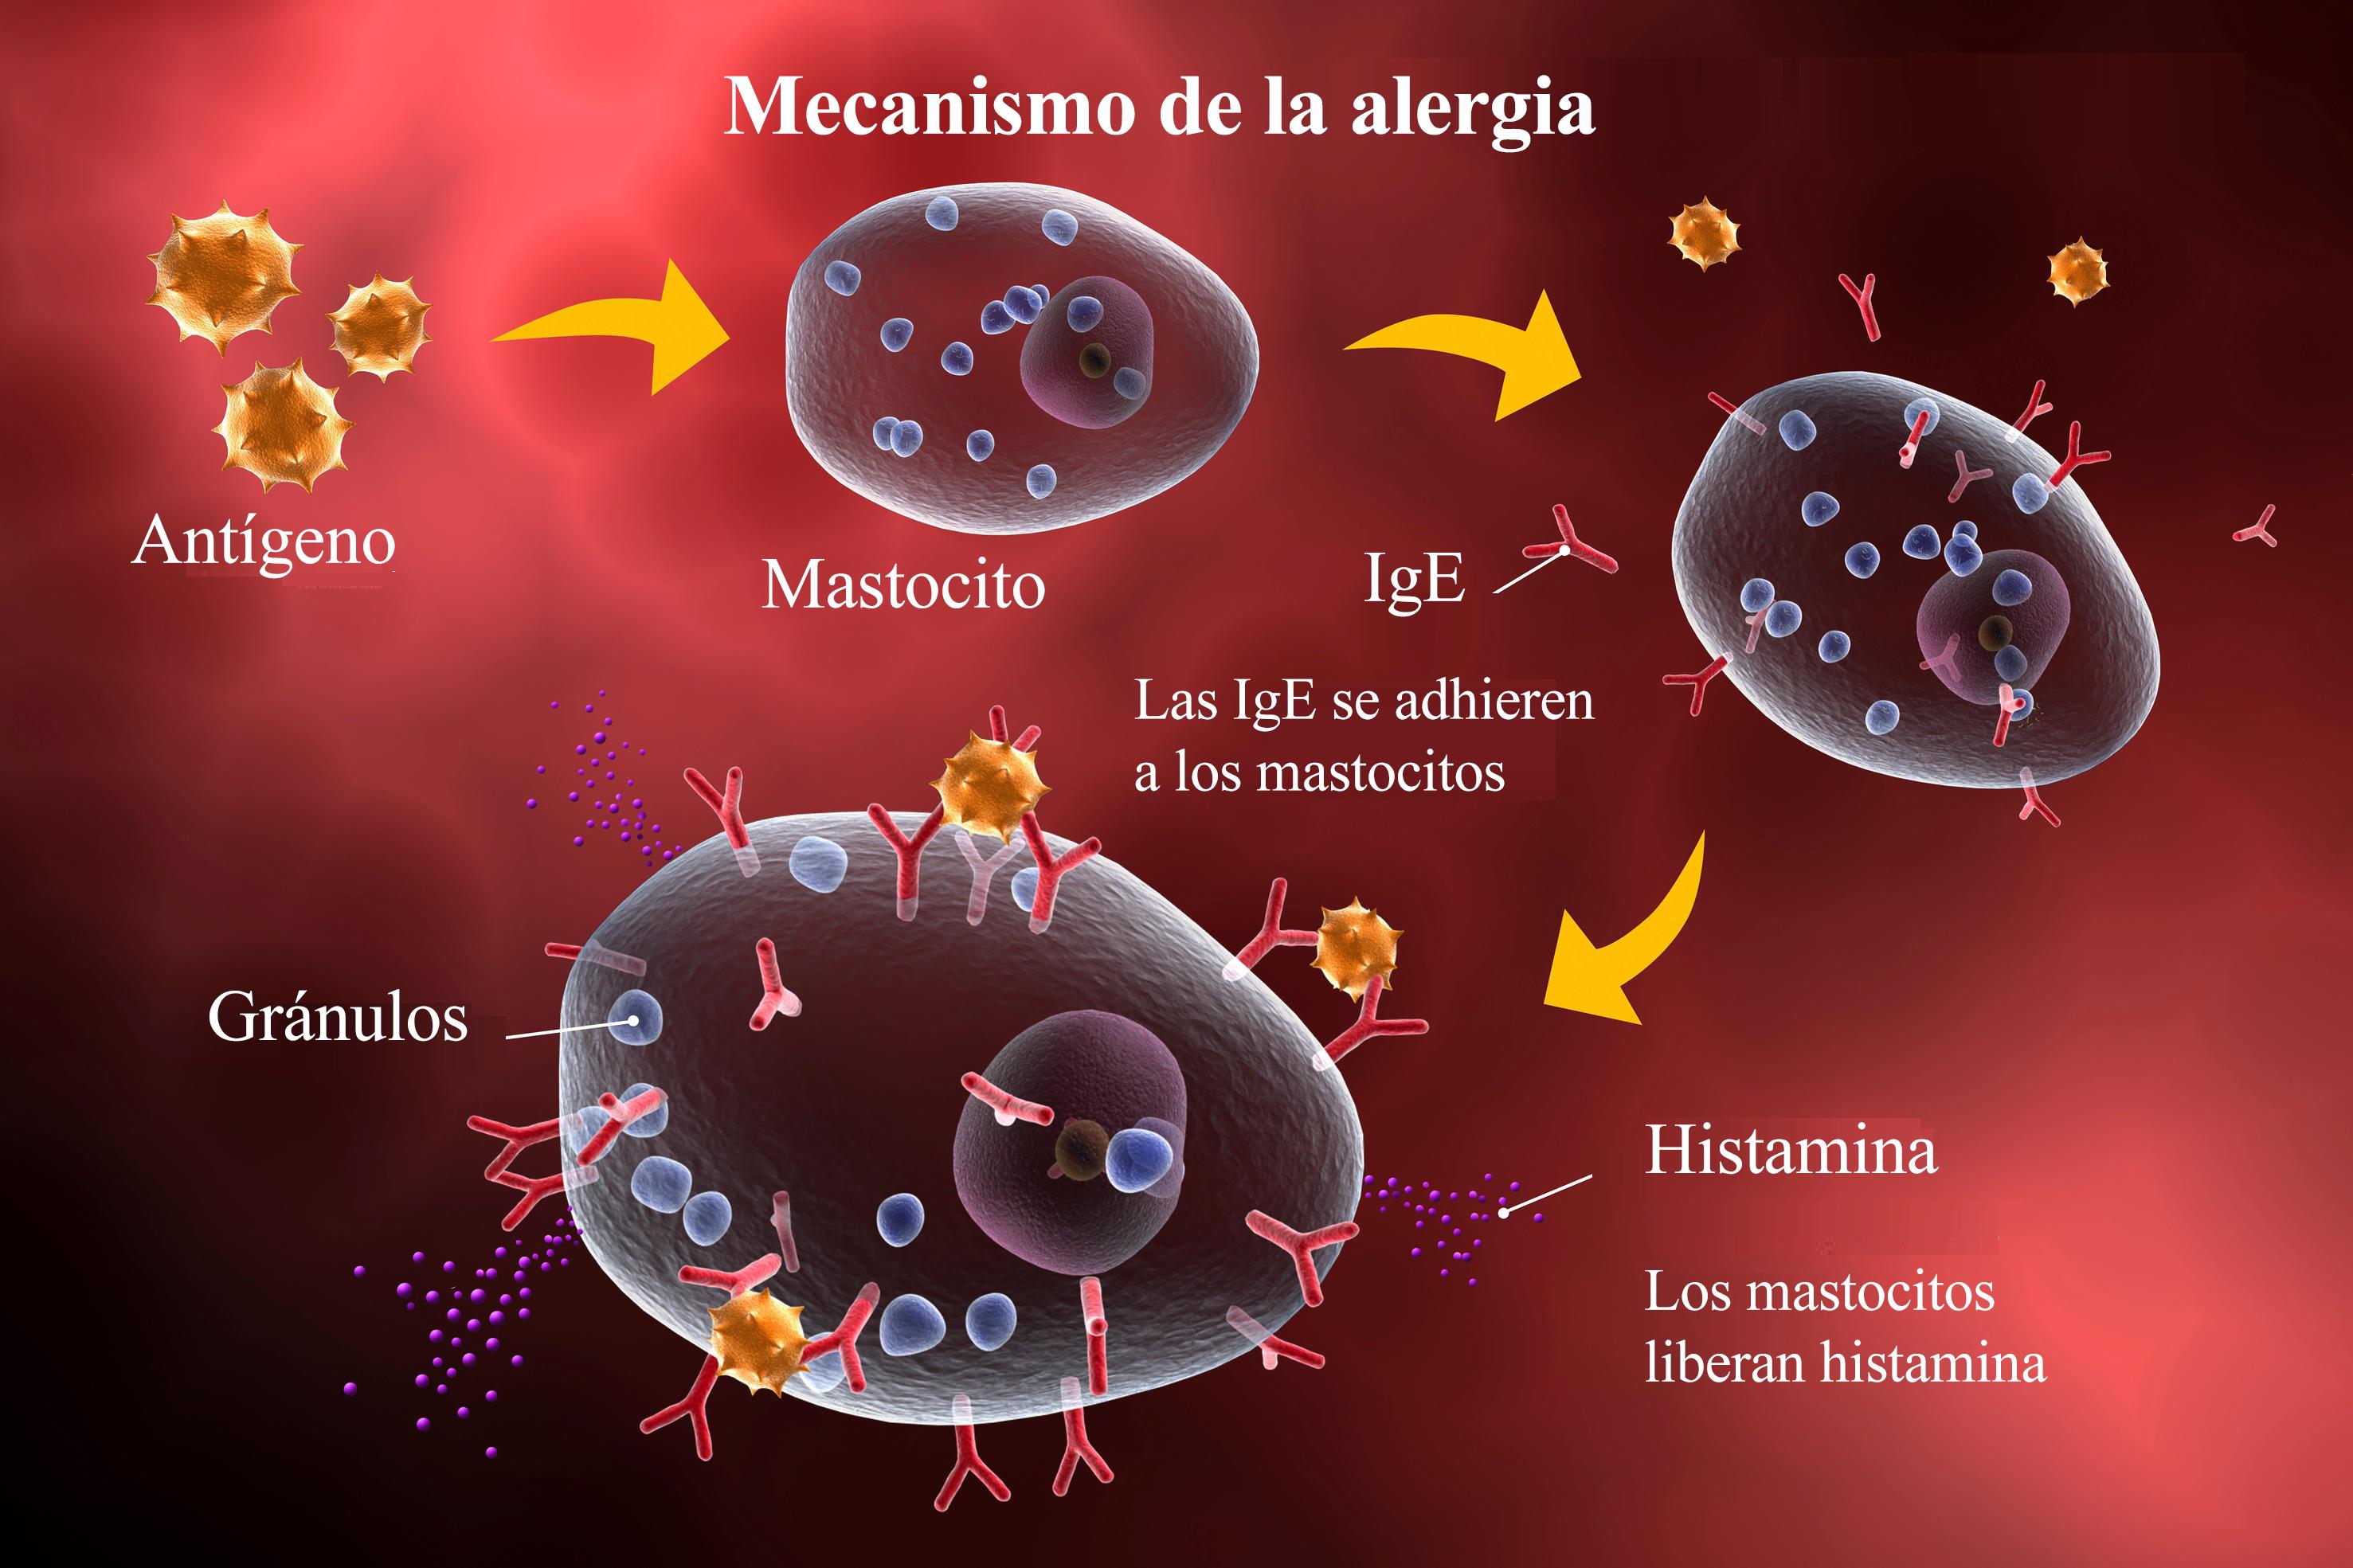 reacción alérgica, alergia, mecanismo, inflamación, ige